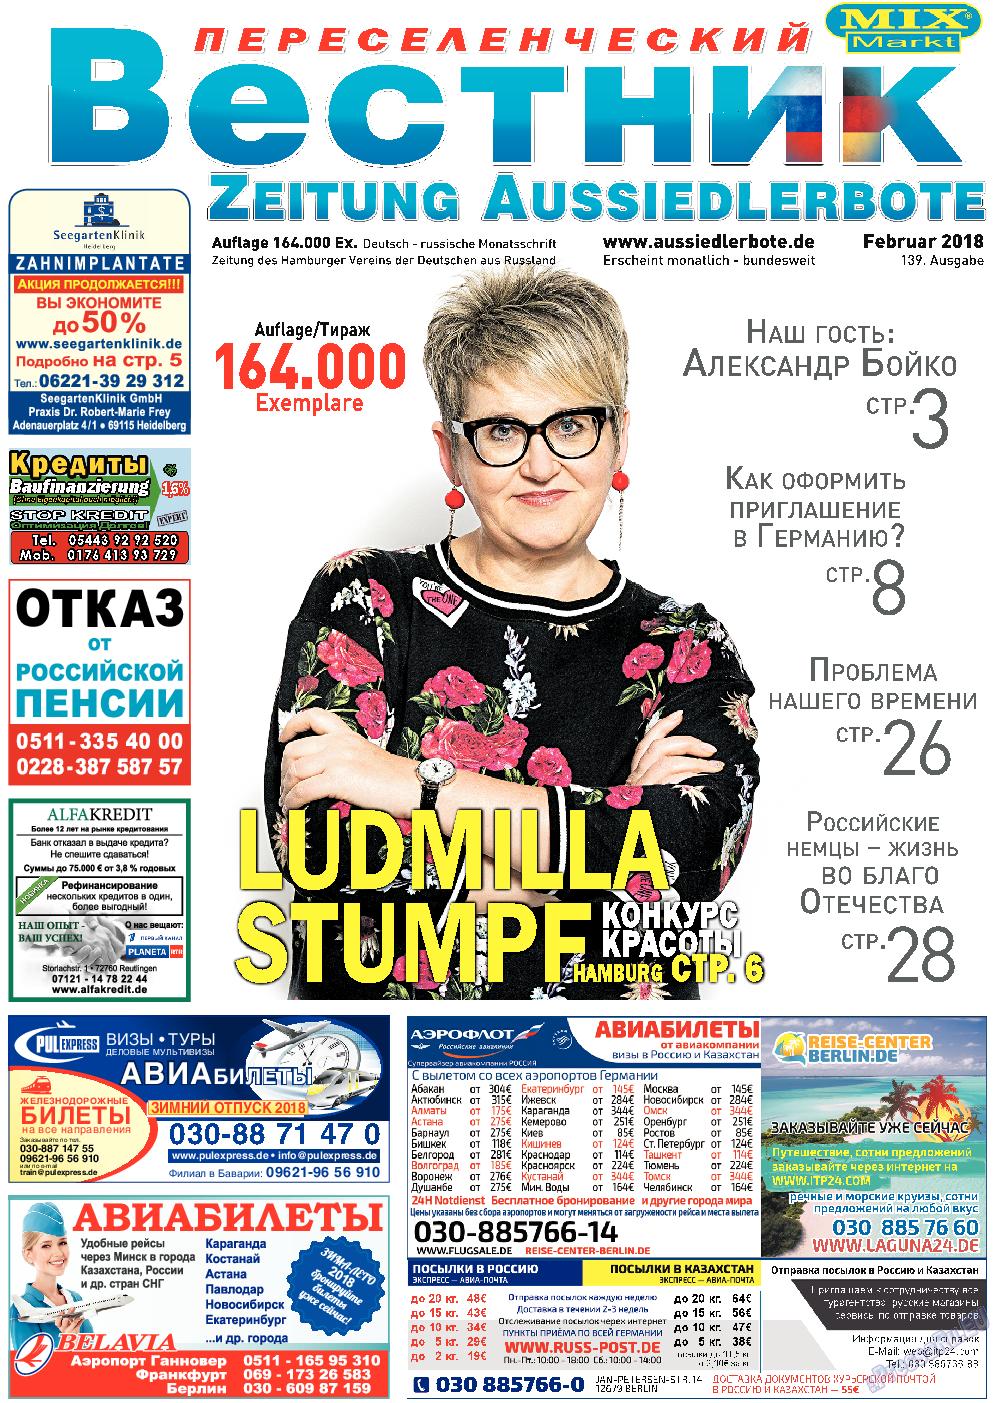 Переселенческий вестник (газета). 2018 год, номер 2, стр. 1